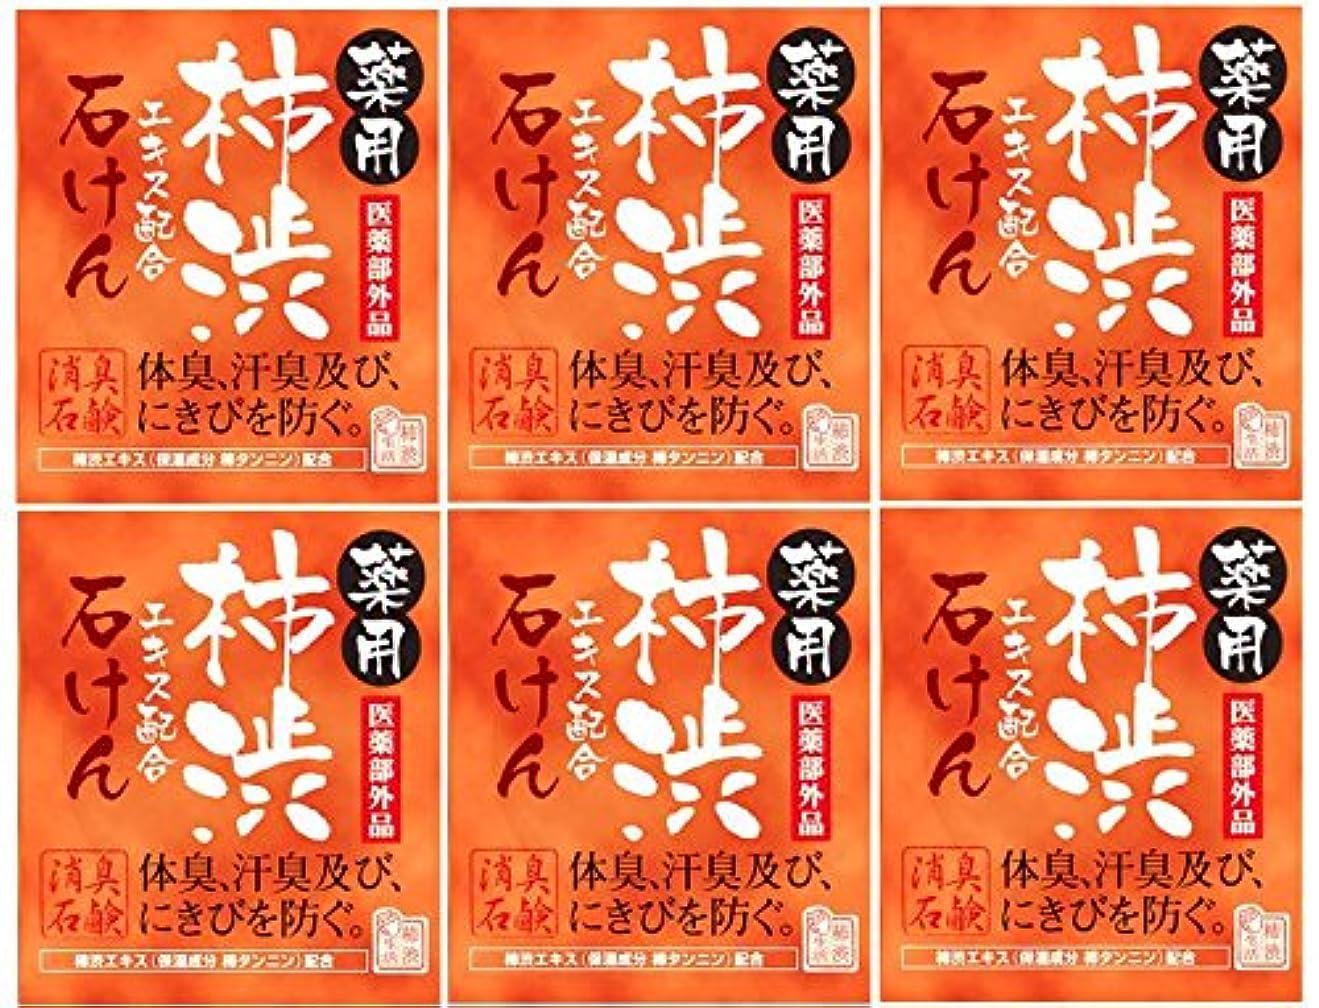 終了する展示会リングバックマックス薬用柿渋石けん100g箱×6箱セット